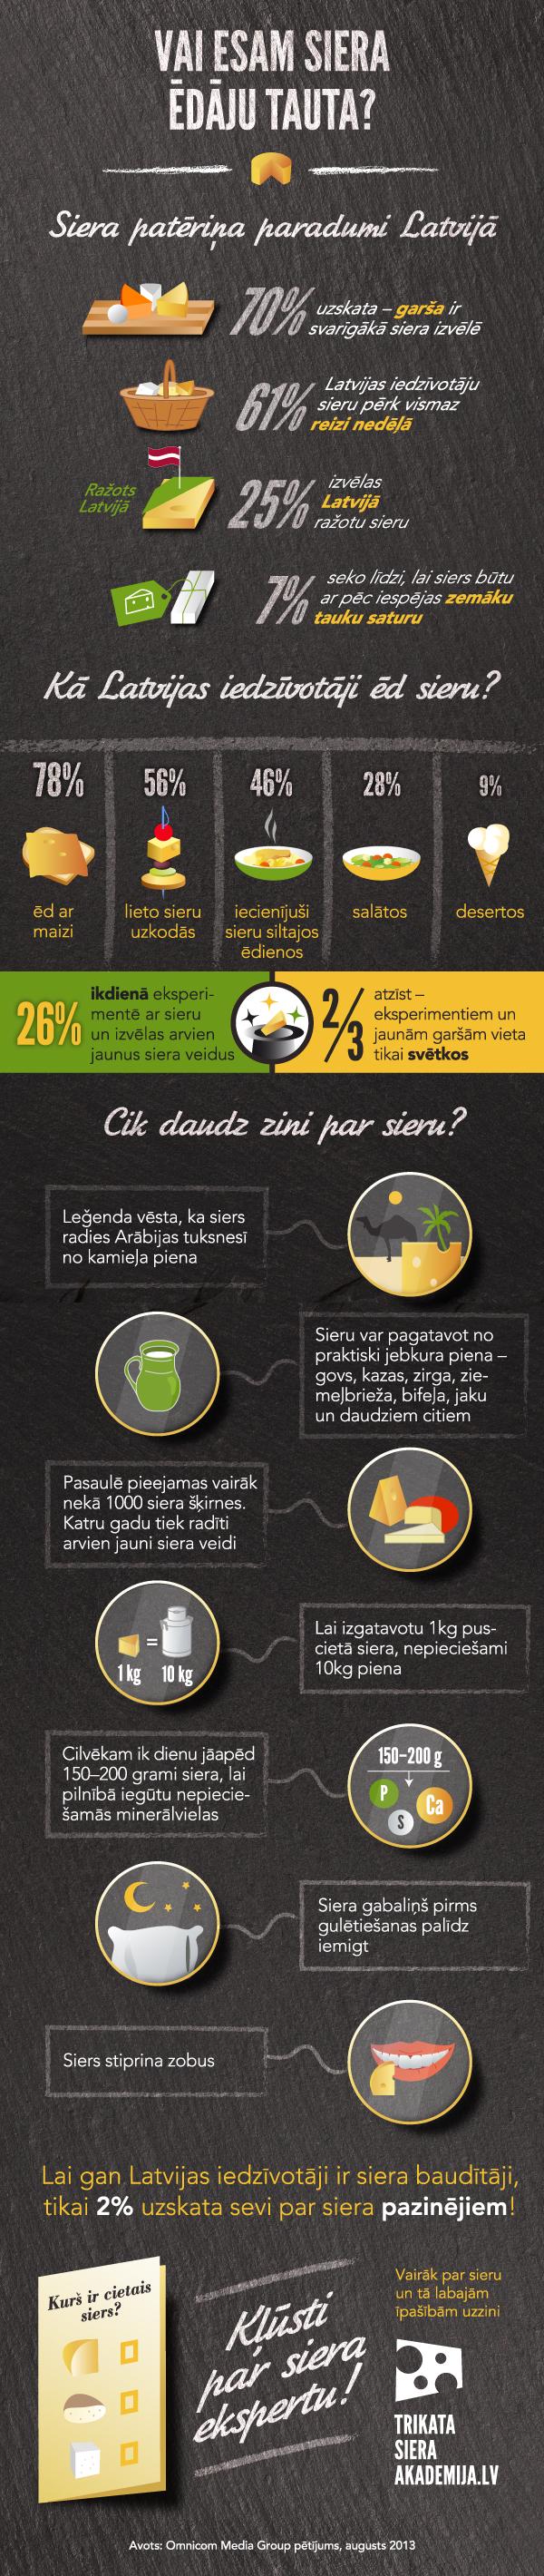 infografika_Siers_Latvijaa